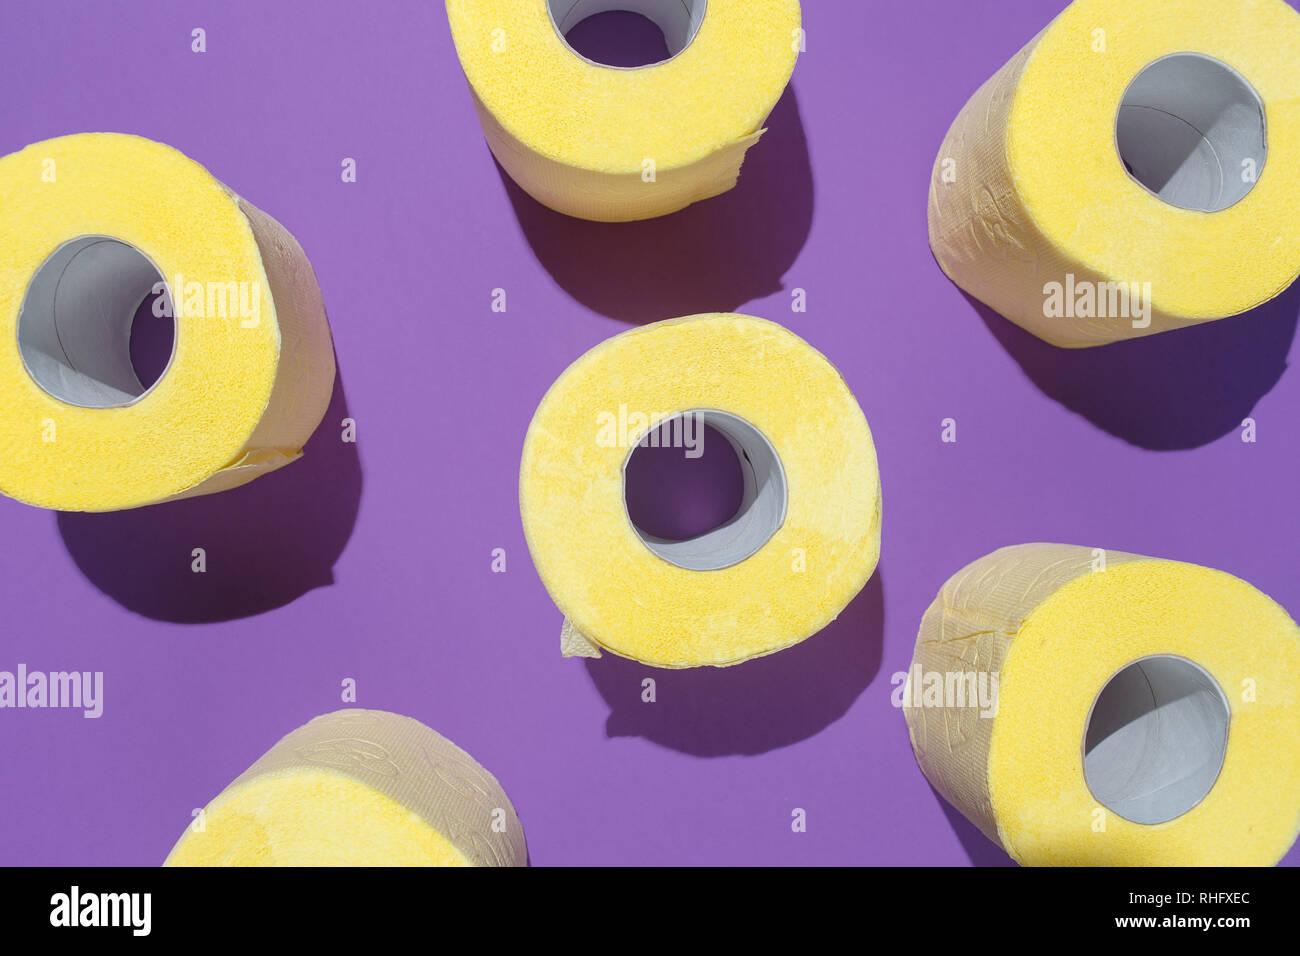 Schéma des rouleaux de papier toilettes jaune vif sur fond violet. Télévision composition, vue d'en haut. Banque D'Images